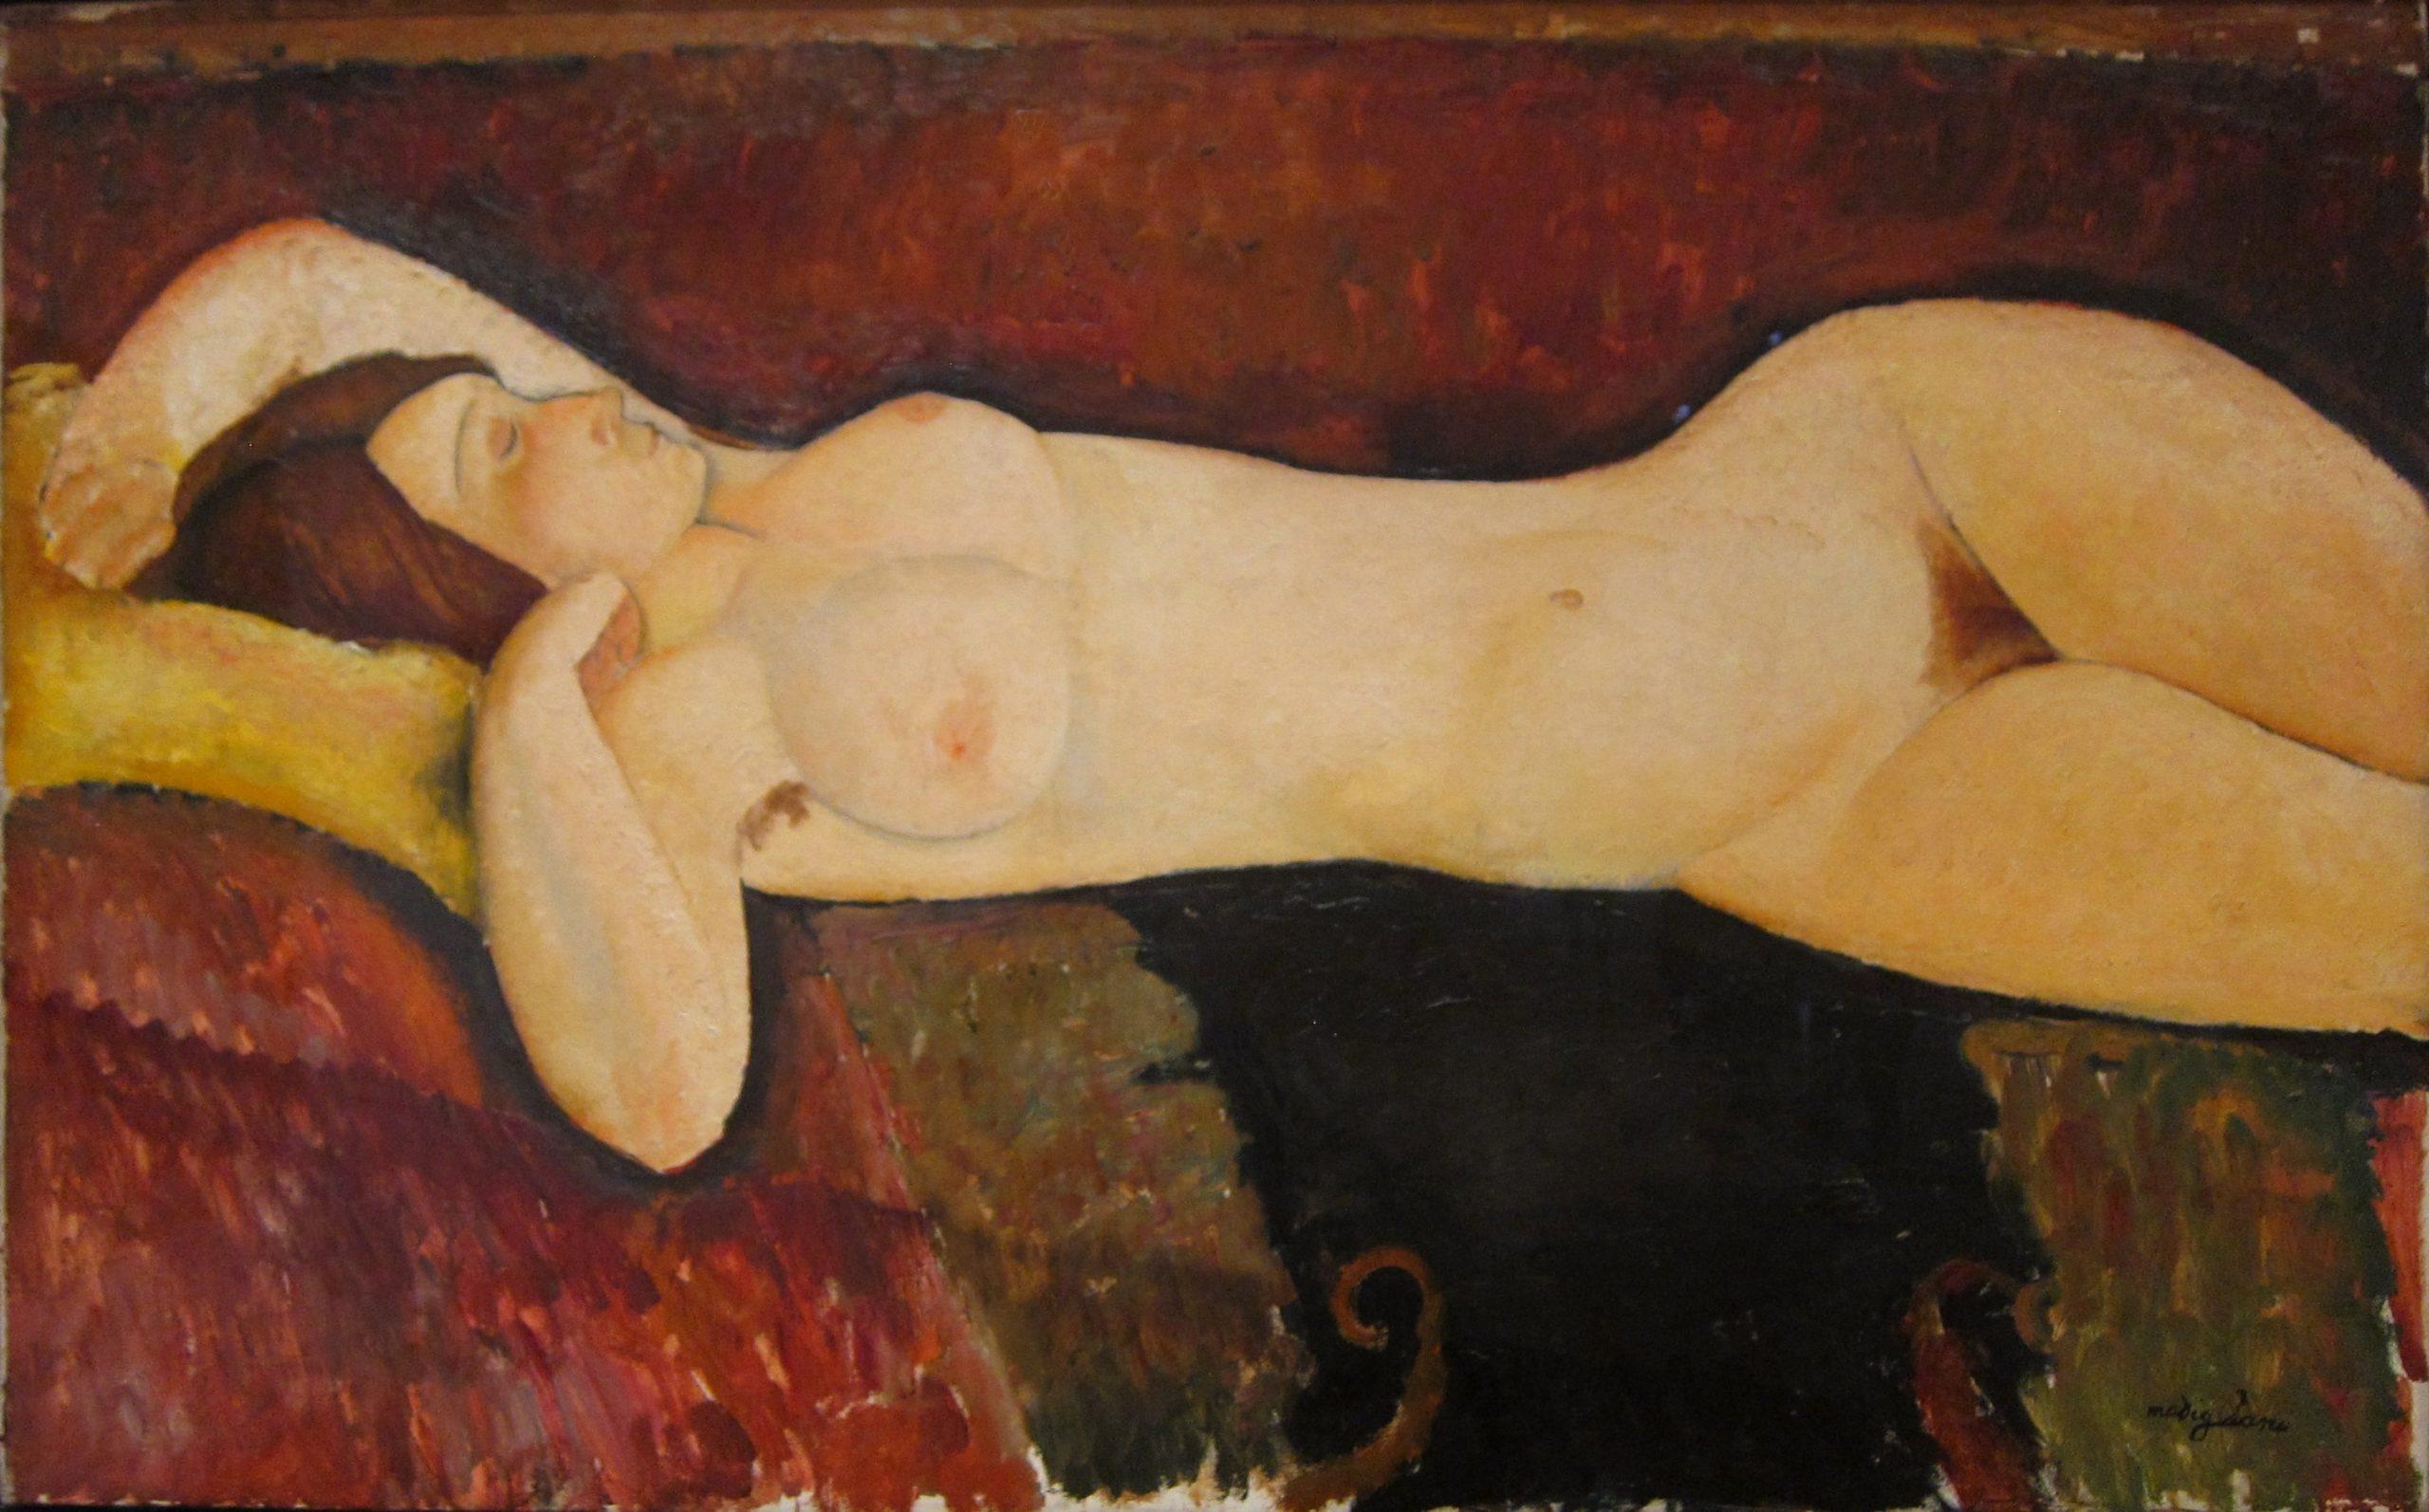 La tomba di Amedeo Modigliani